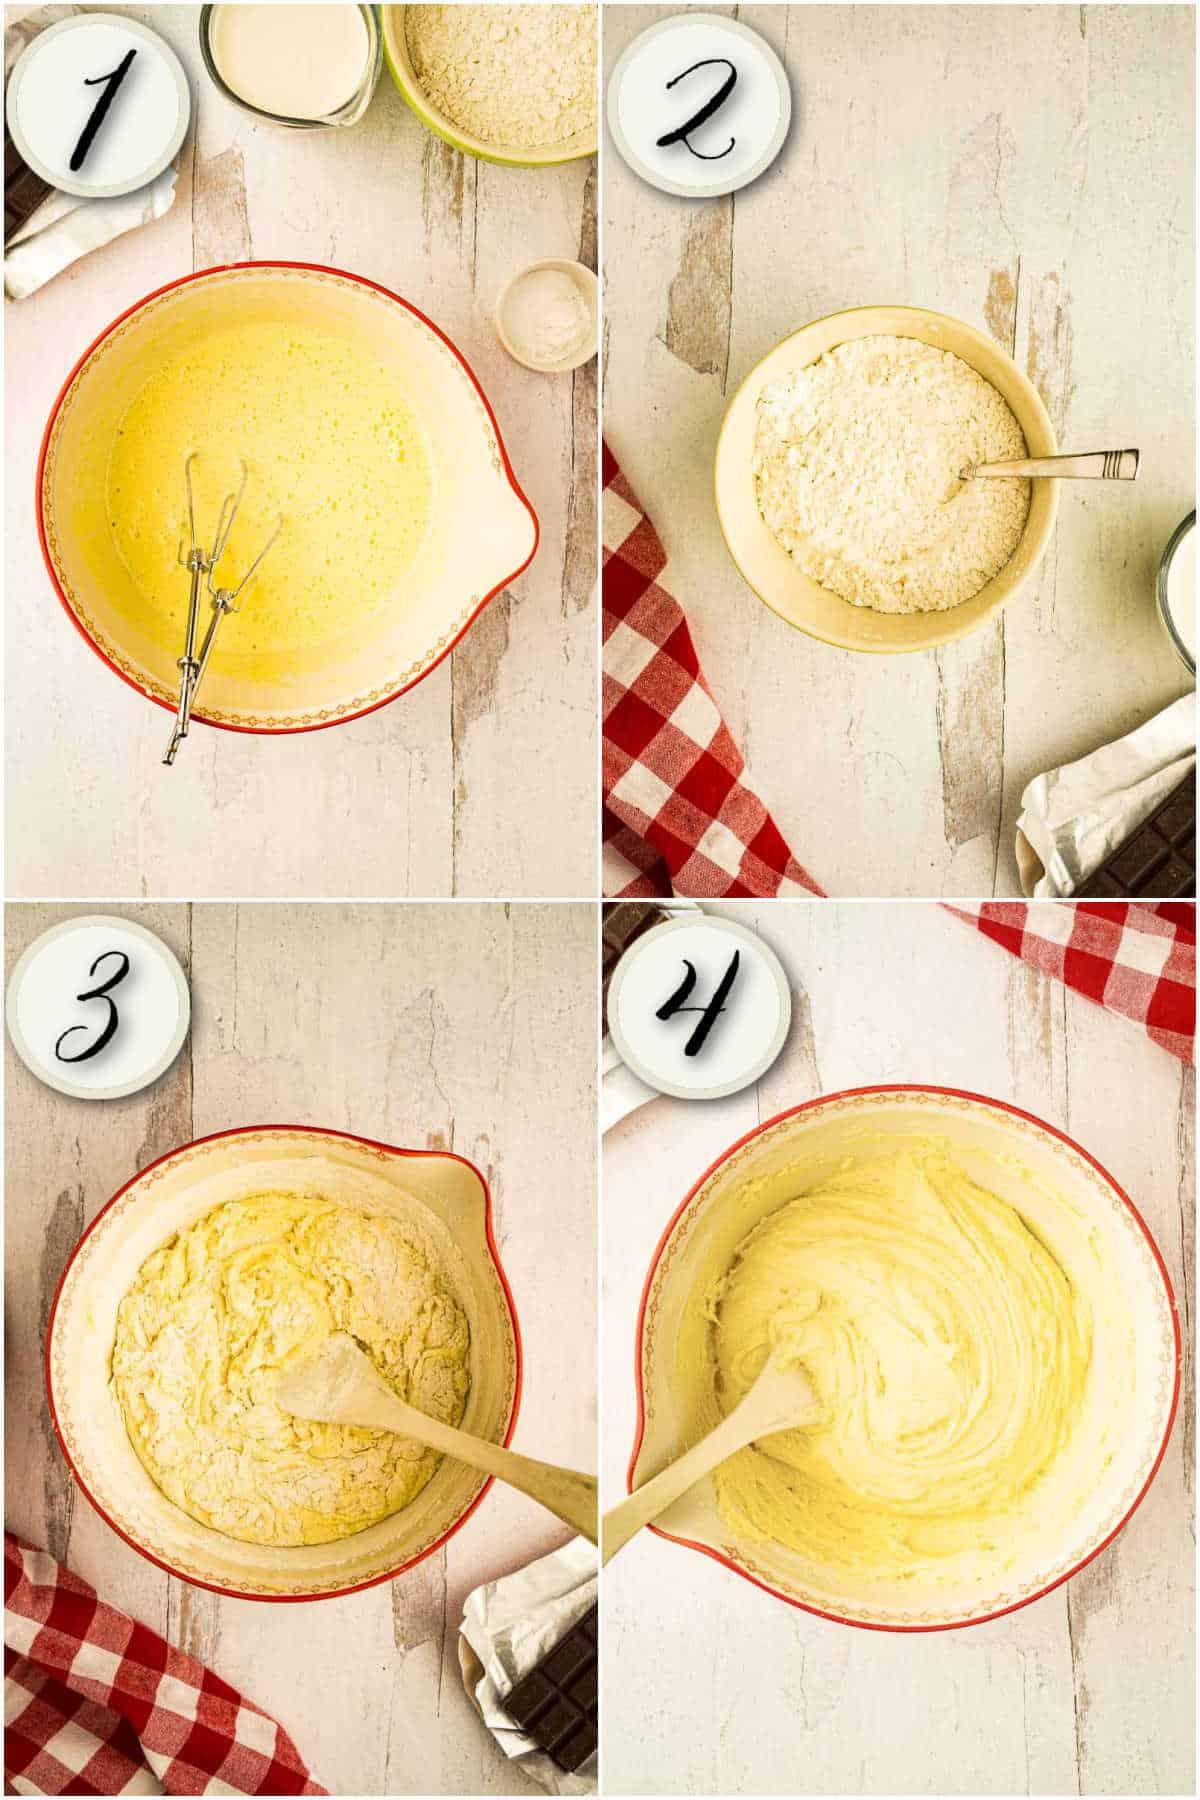 process shots of making yellow cake batter